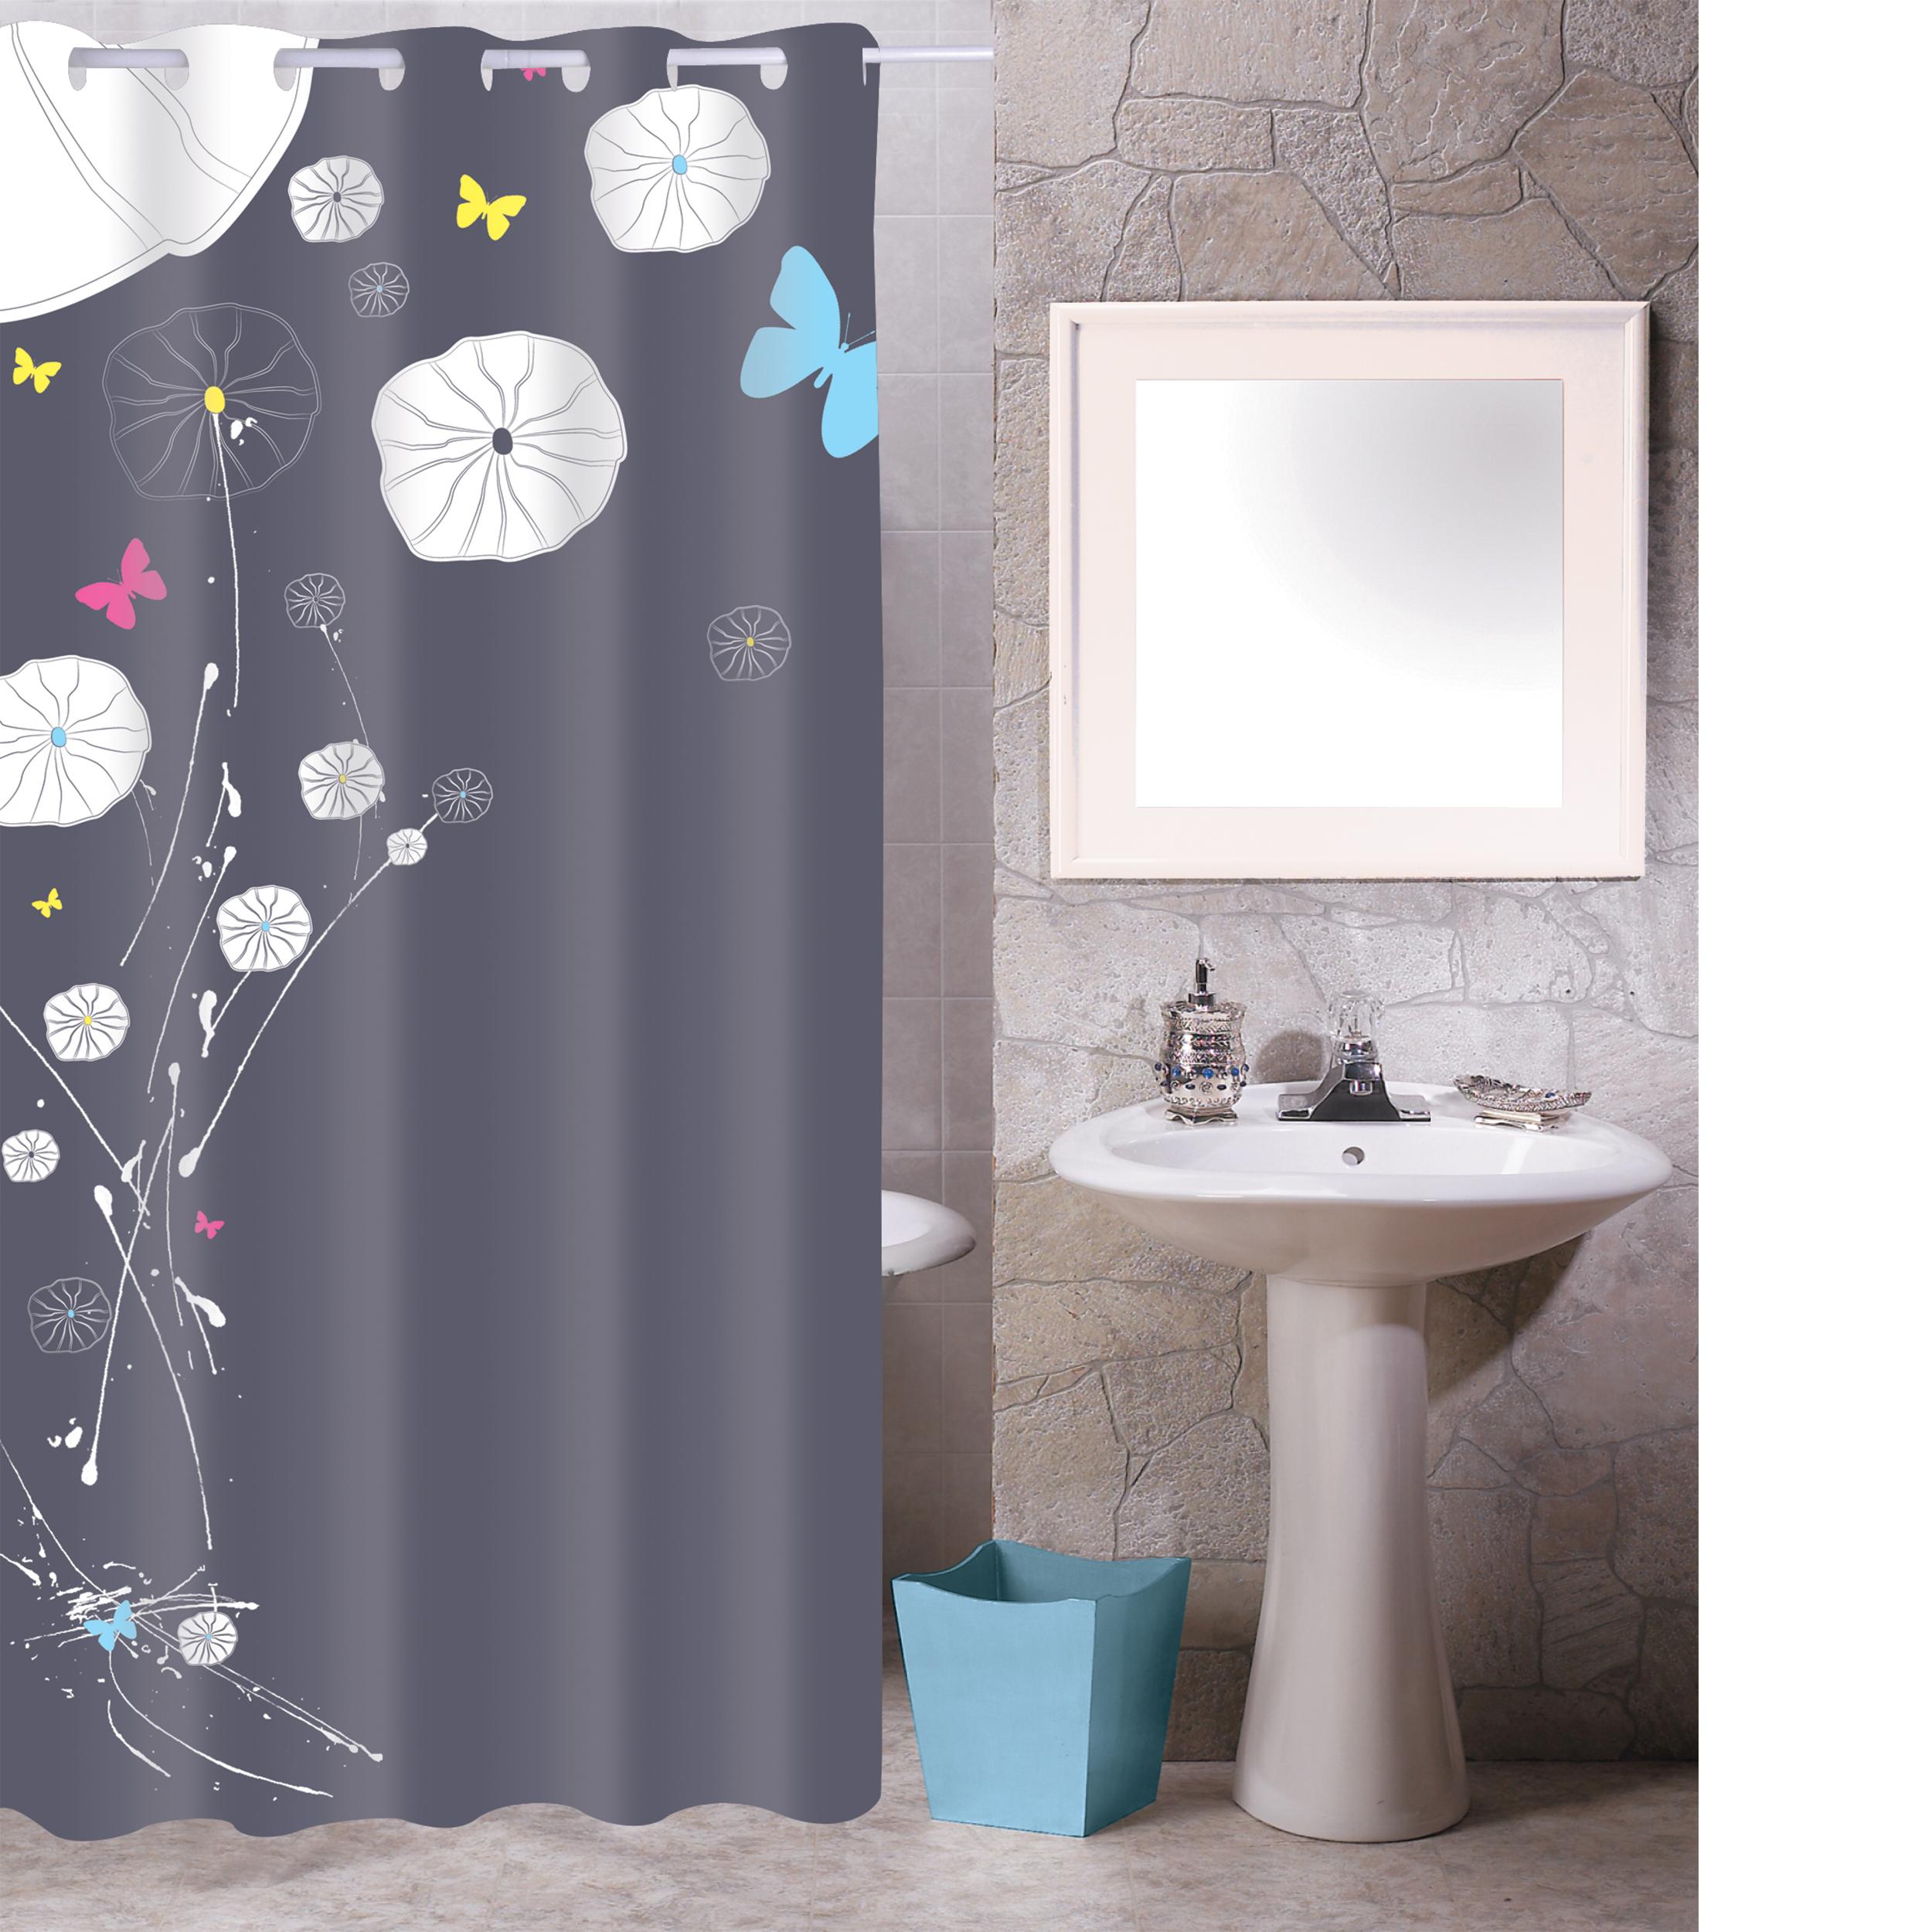 MSV Duschvorhang 180x200cm Anti Schimmel Textil Badewannenvorhang Wannenvorhang Butterflies